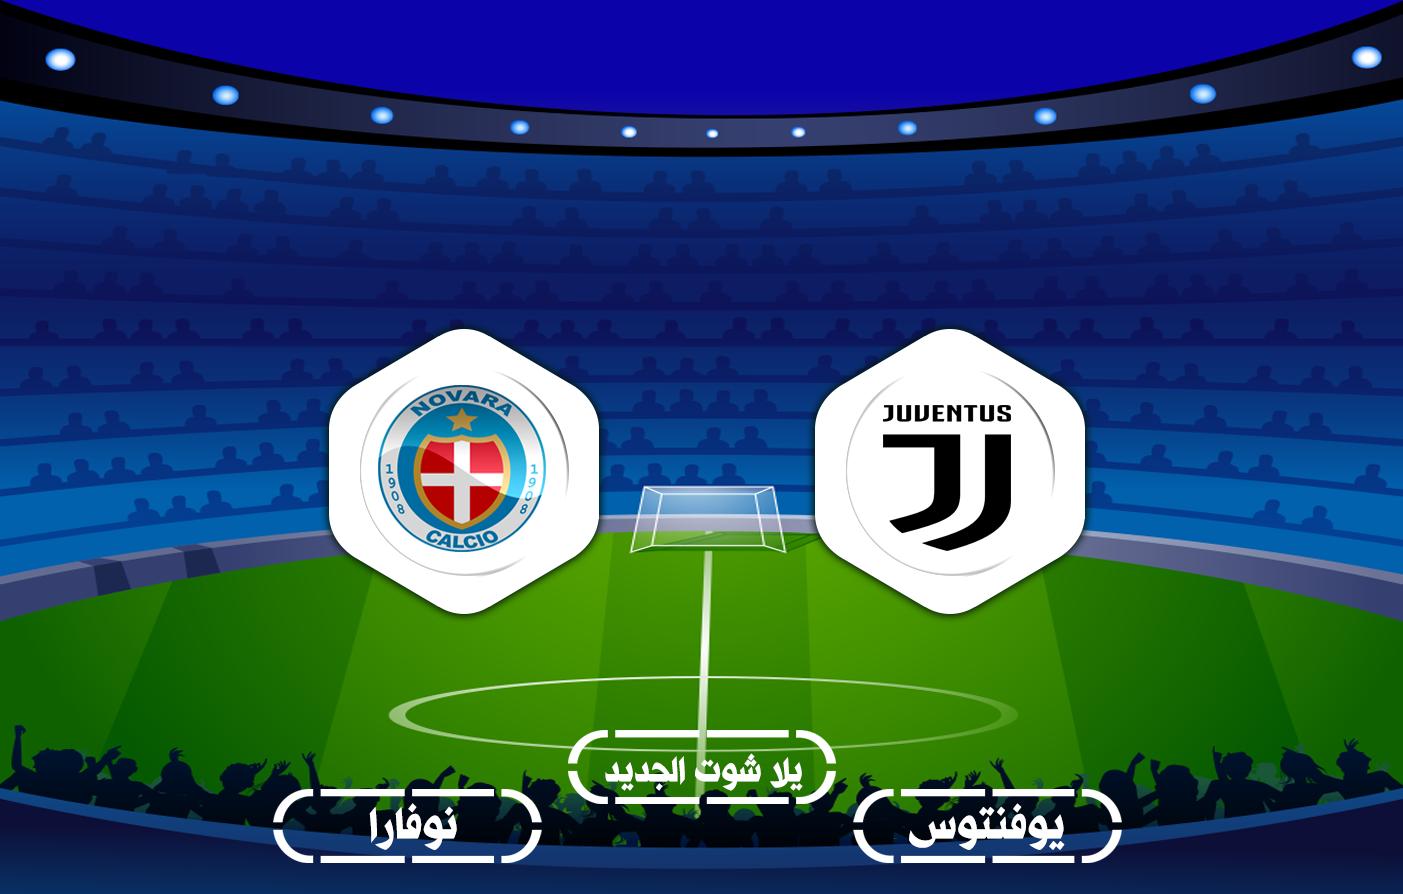 بث مباشر | مشاهدة مباراة يوفنتوس ونوفارا